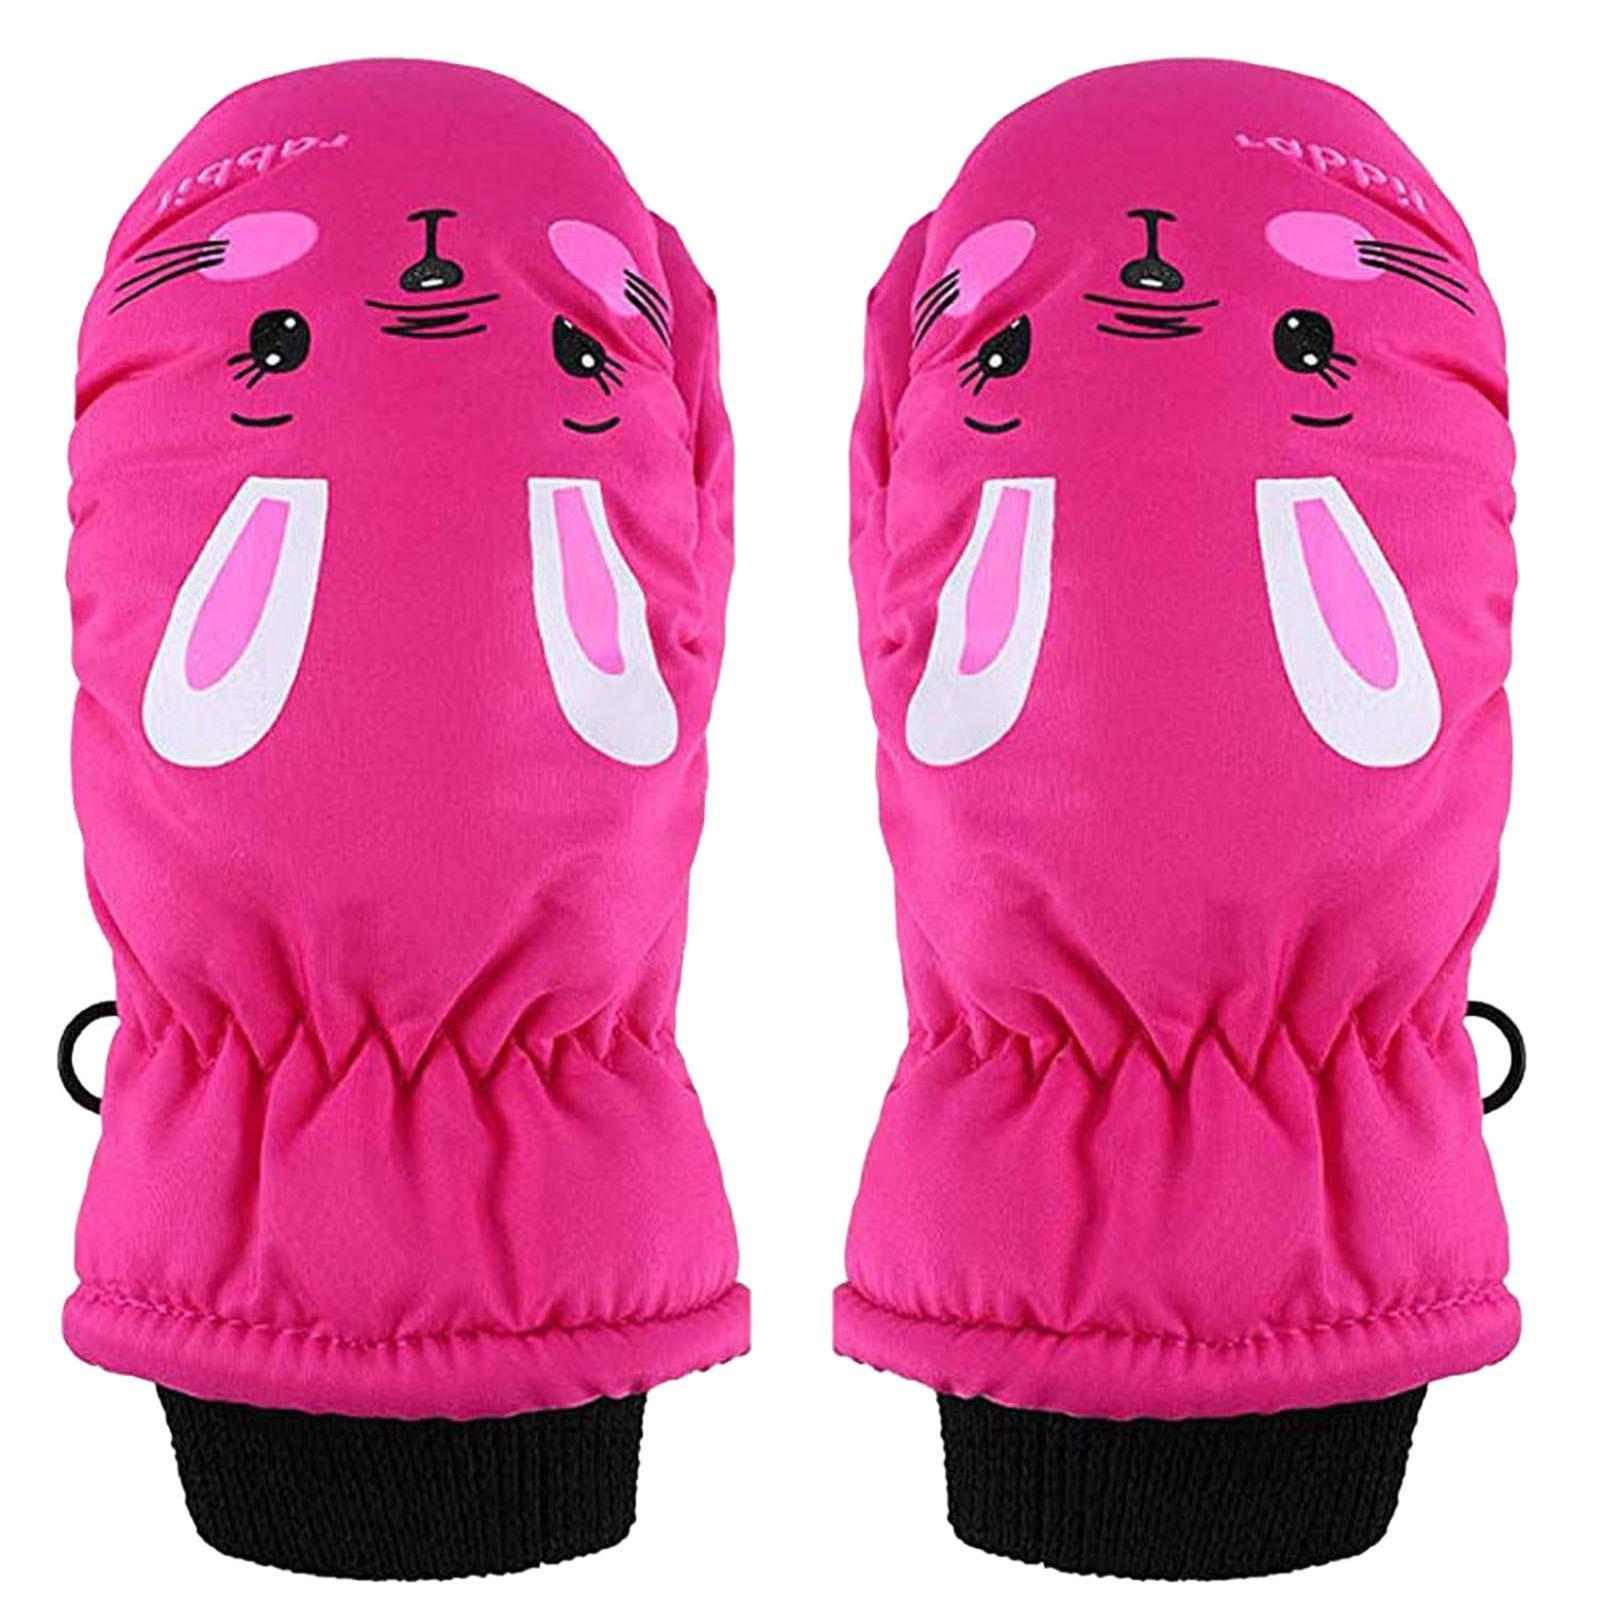 1 Pairs Toddler Kids Baby Boys Girls Ski Gloves Waterproof Warm Snow Mittens Children's camouflage b